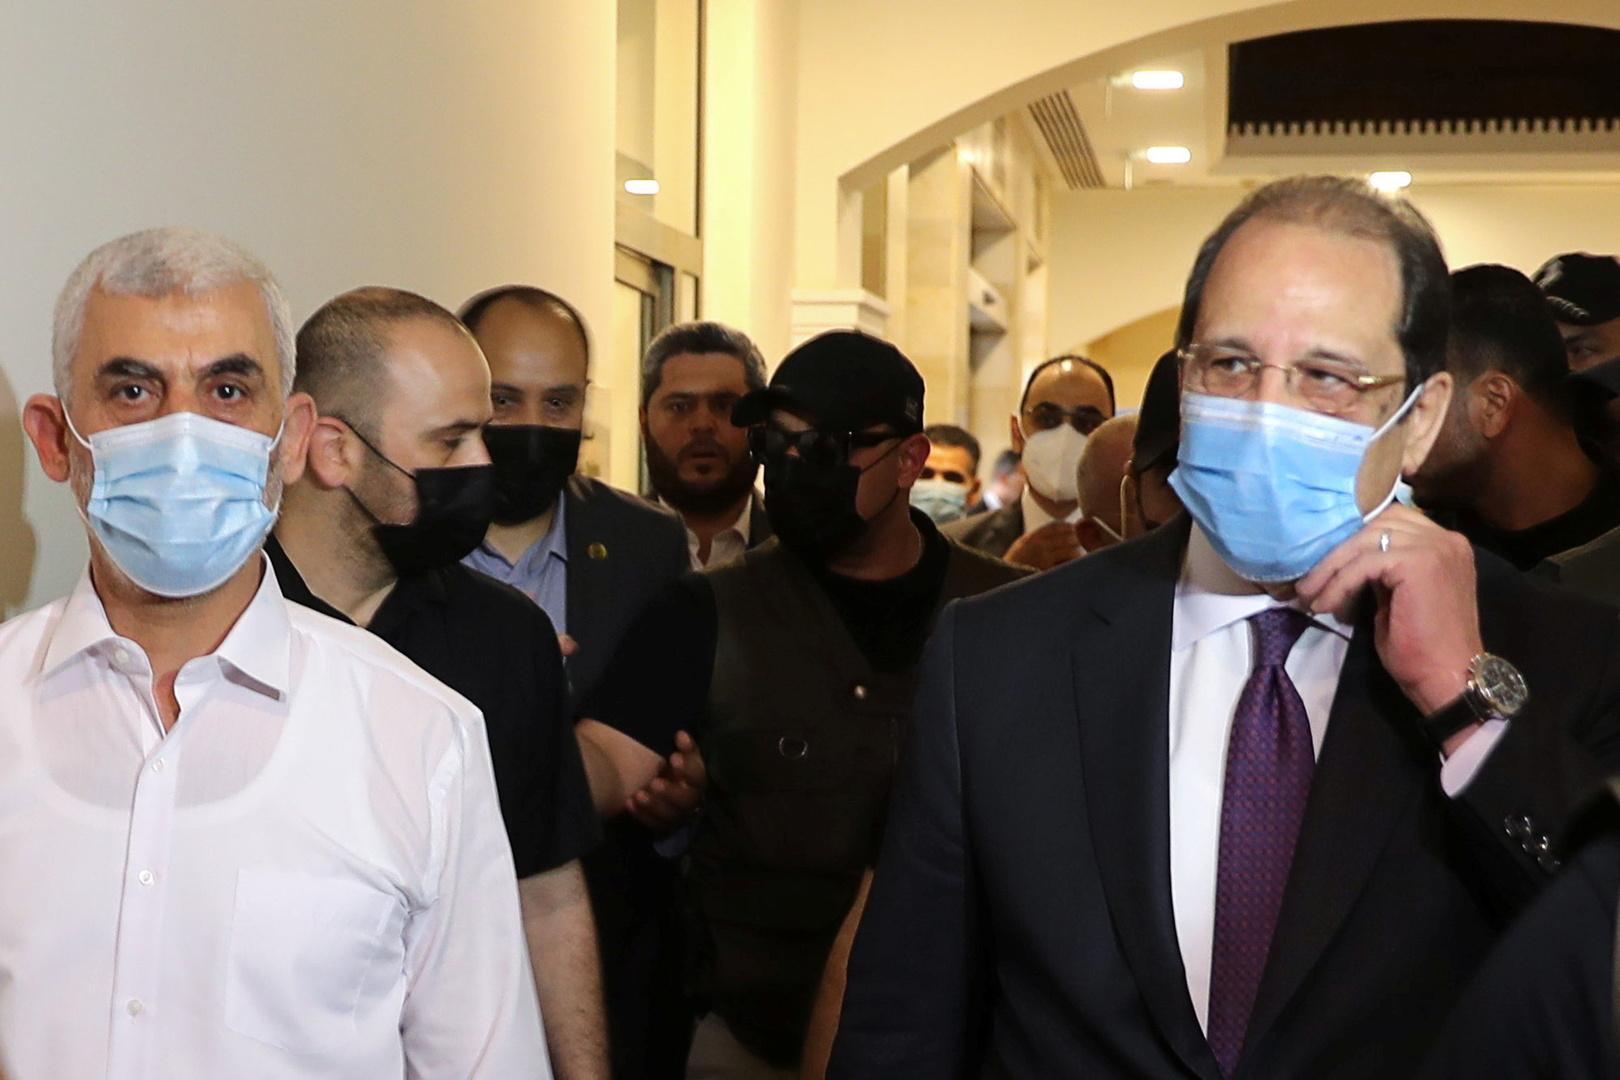 رئيس هيئة المخابرات العامة المصرية، اللواء عباس كامل، خلال لقائه في غزة رئيس المكتب السياسي لحركة